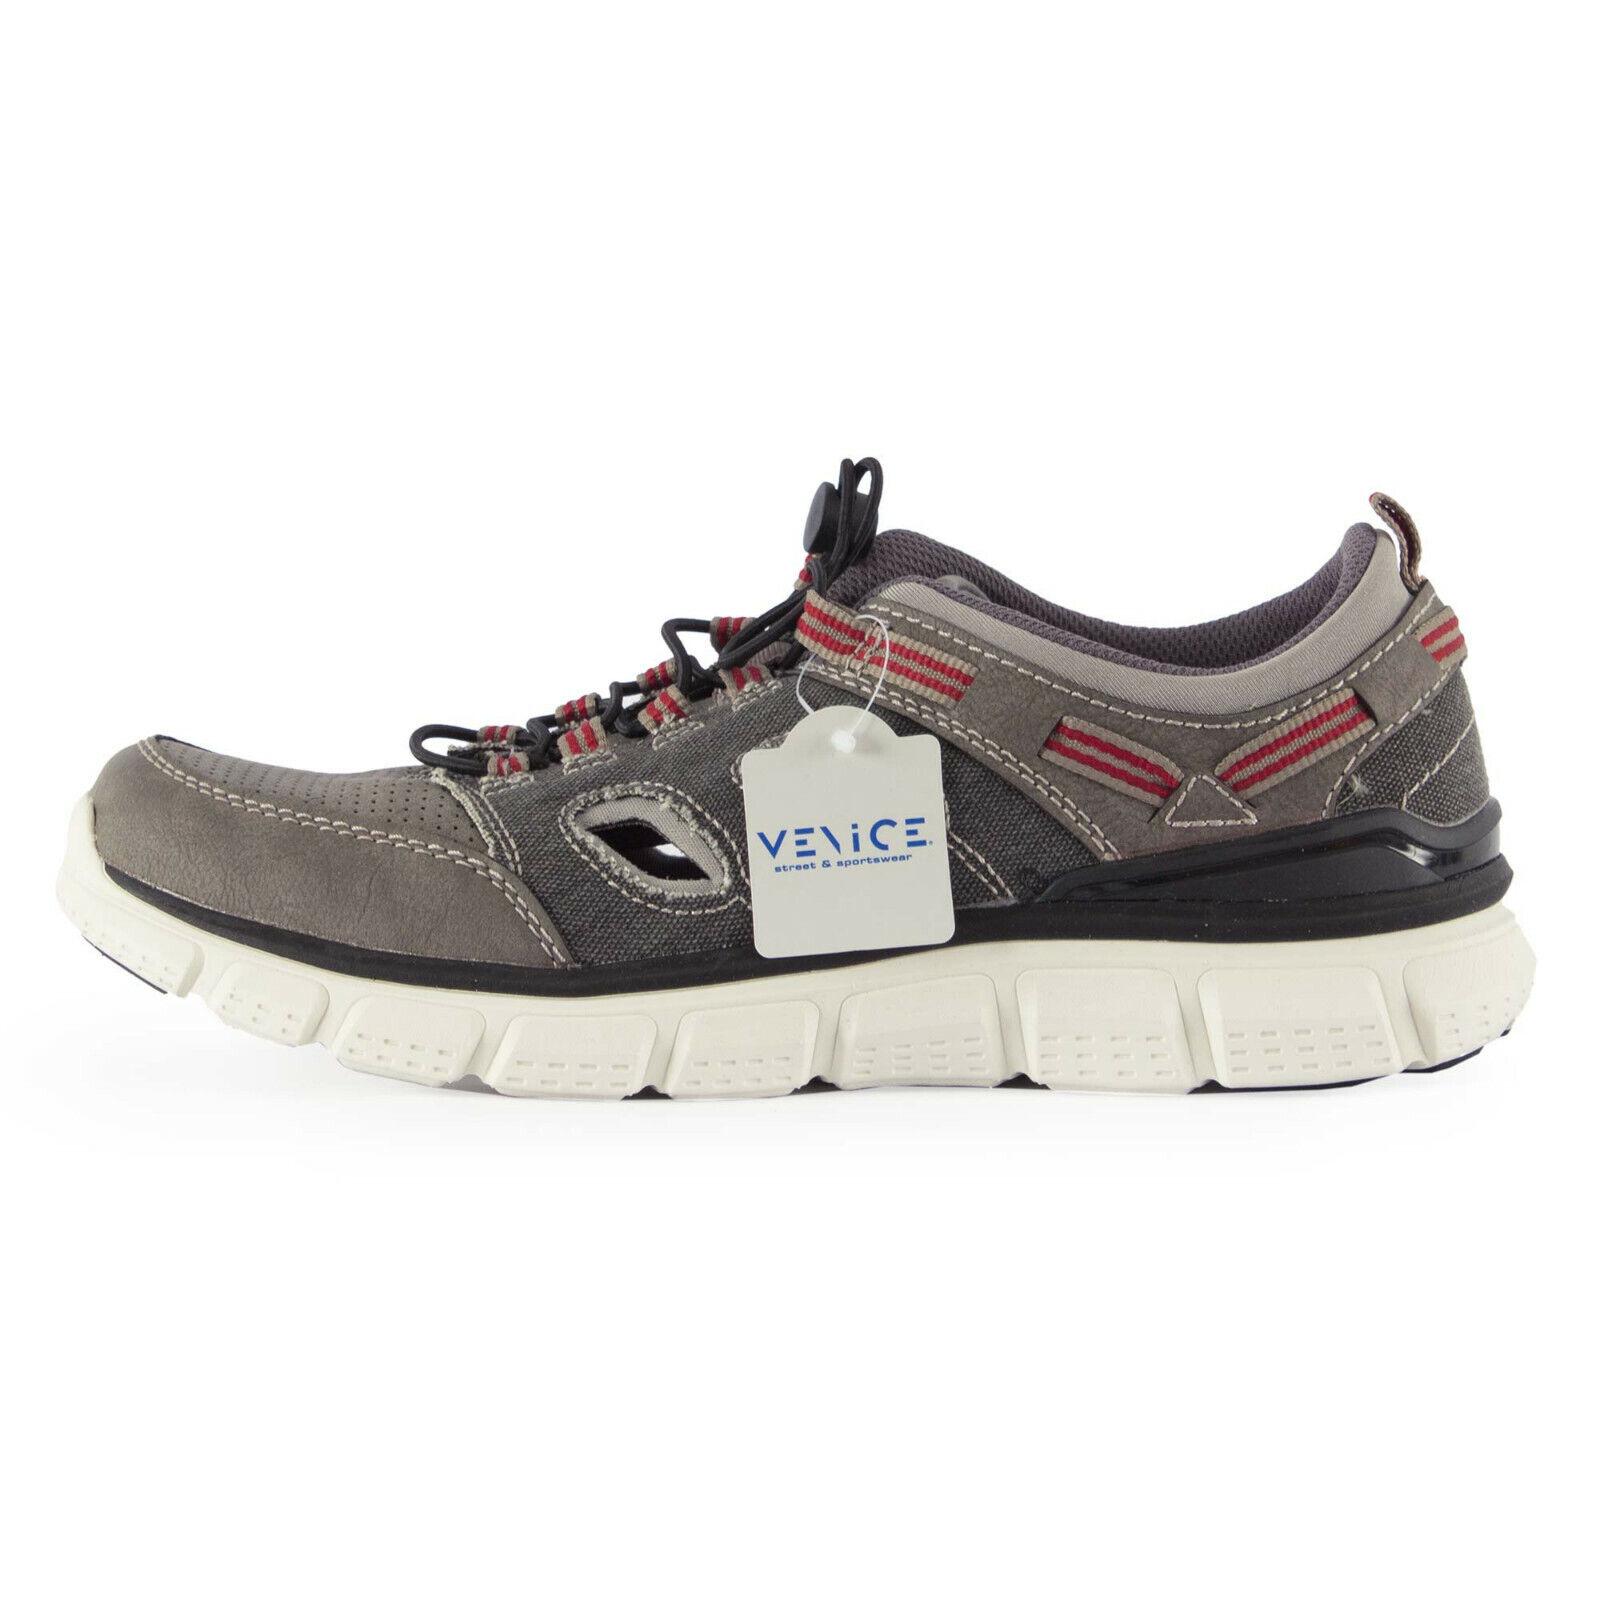 promo code d538e a9382 Venice Schuhe Herren Sneaker Test Vergleich +++ Venice ...